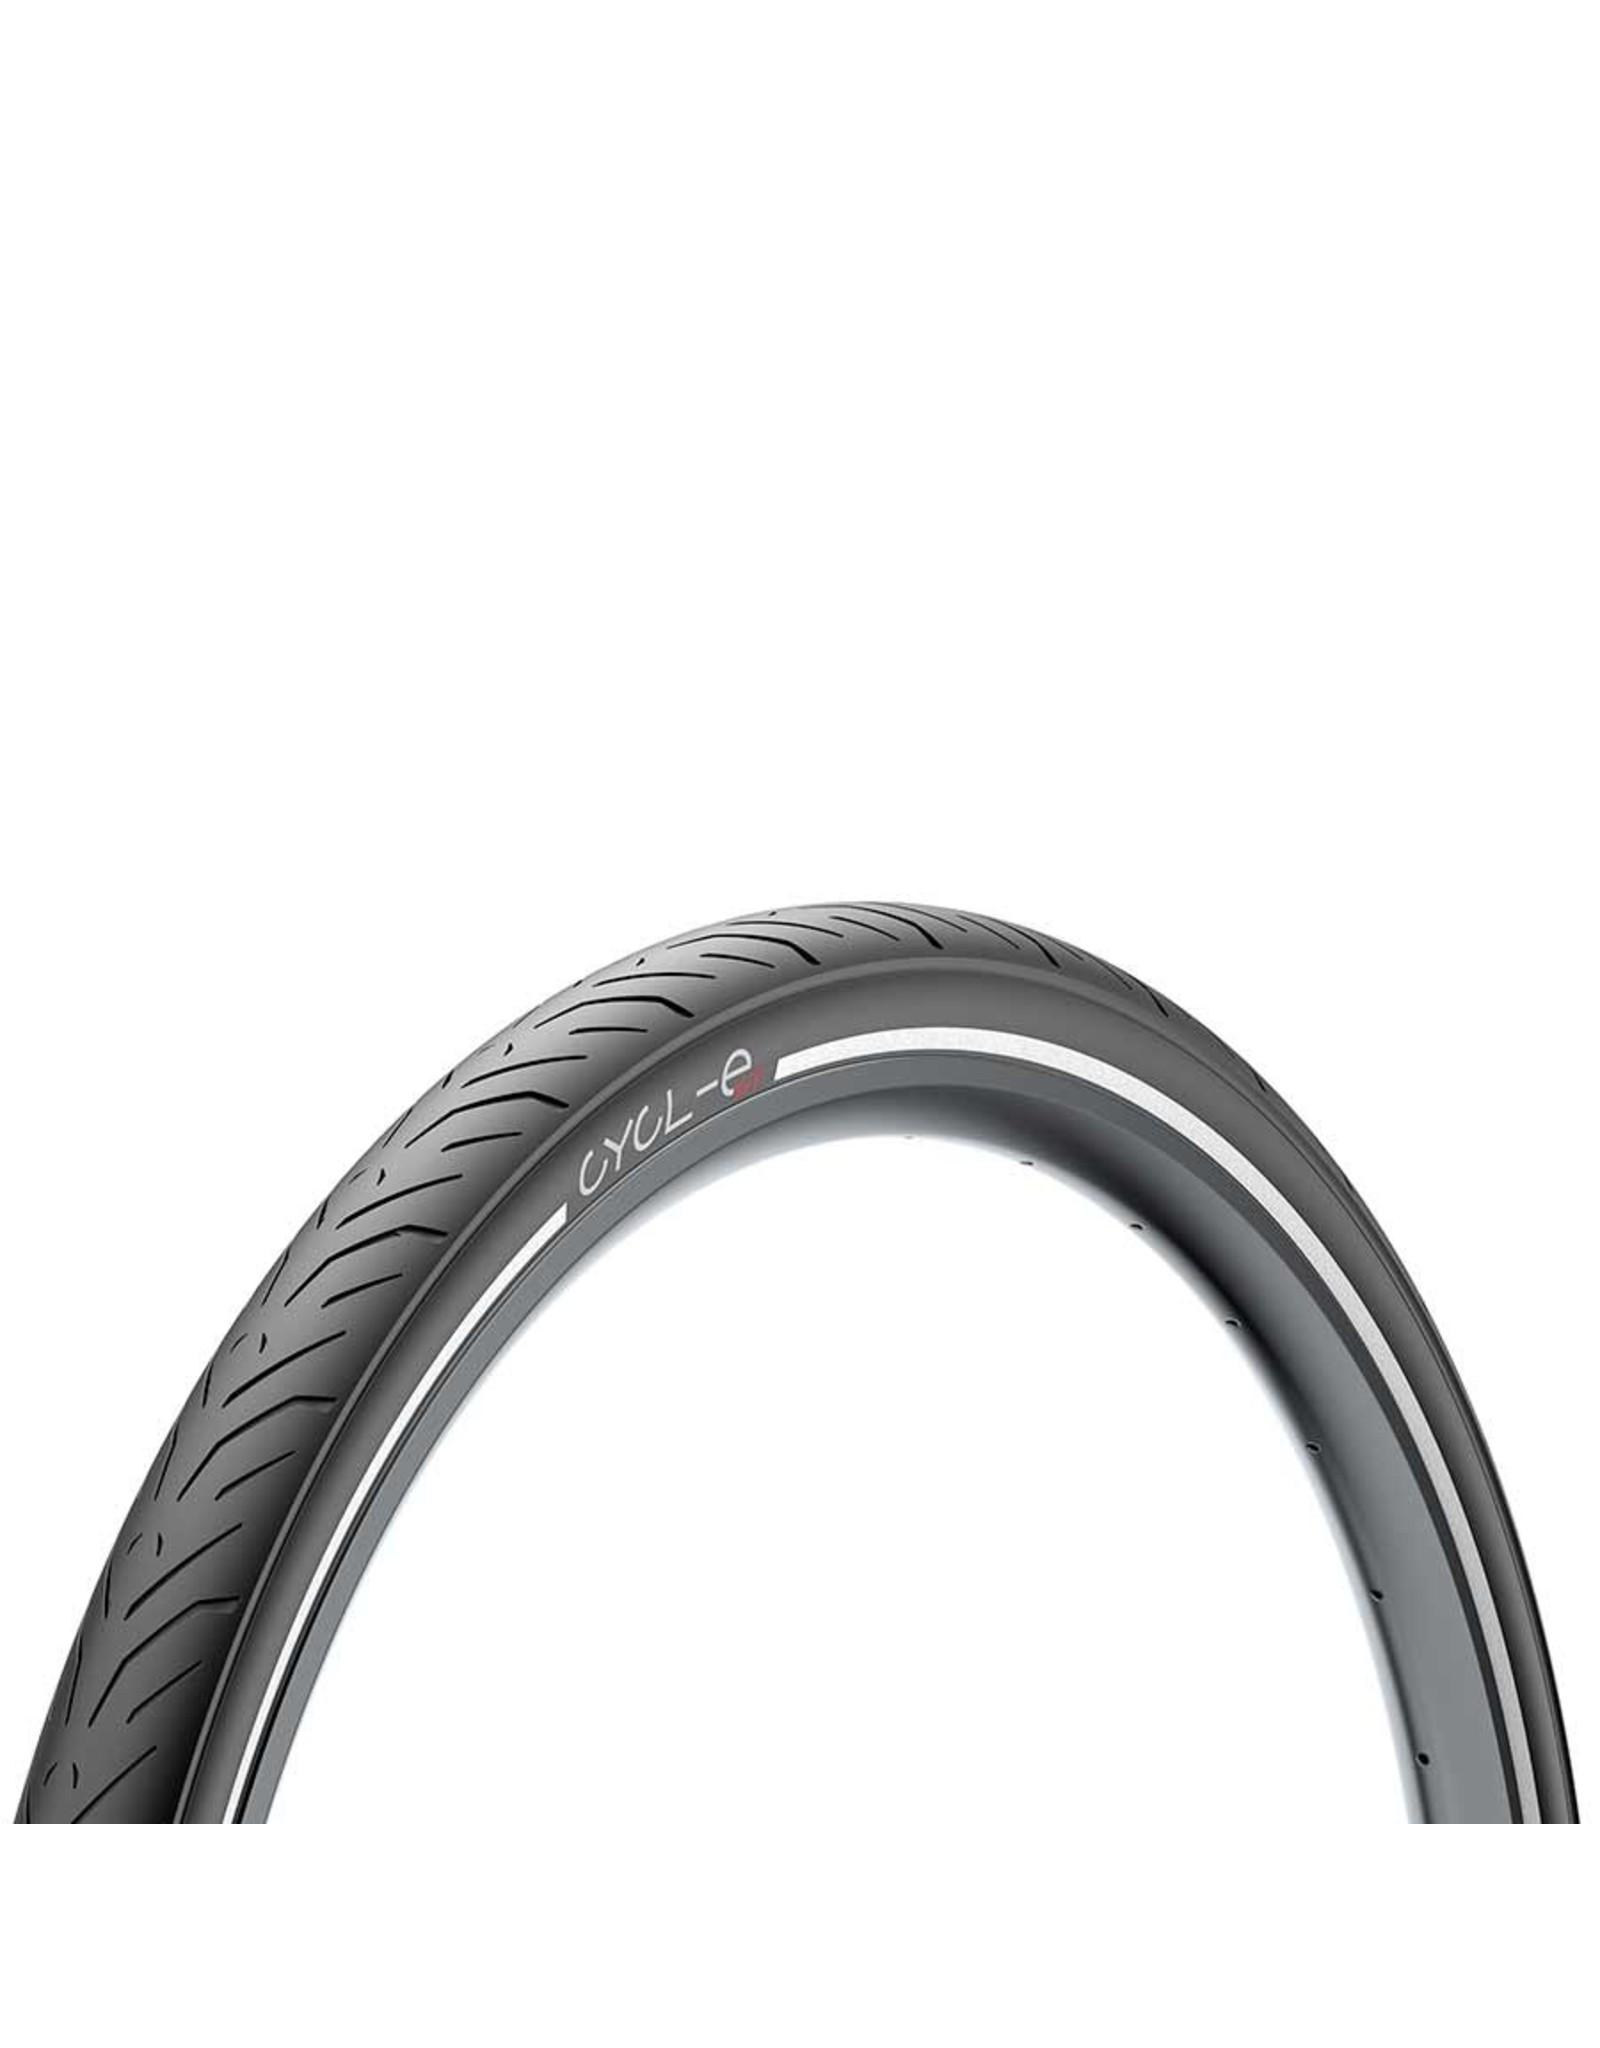 Pirelli Pirelli, Cycl-e GT, Tire, 700x35C, Wire, Clincher, Black